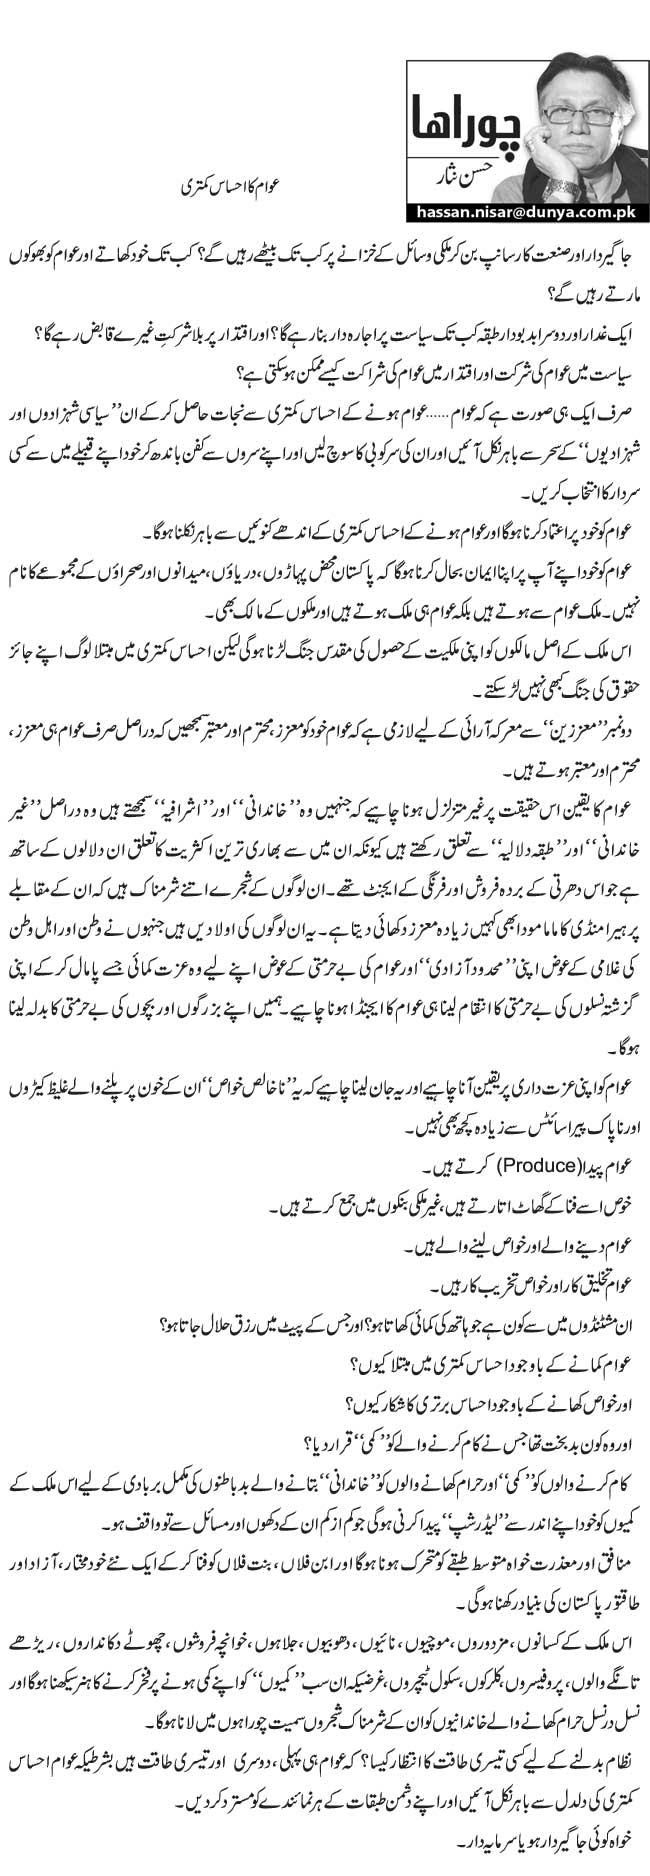 تحریک منہاج القرآن Minhaj-ul-Quran  Print Media Coverage پرنٹ میڈیا کوریج Daily Dunya - Hassan Nisar